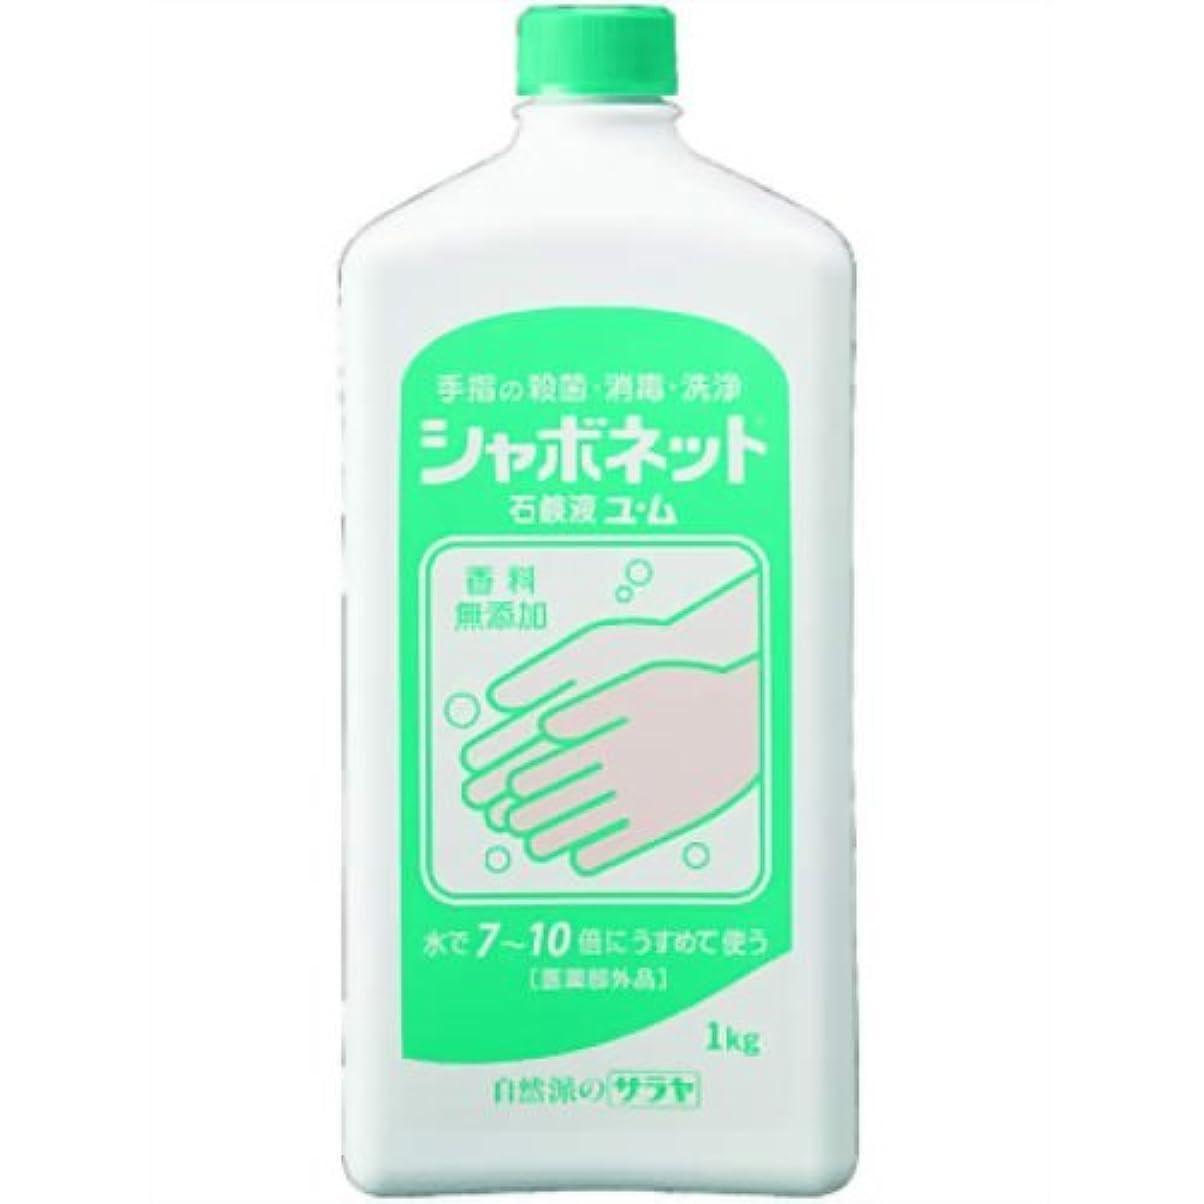 たまに好色なテレビシャボネット石鹸液ユ?ム 1kg